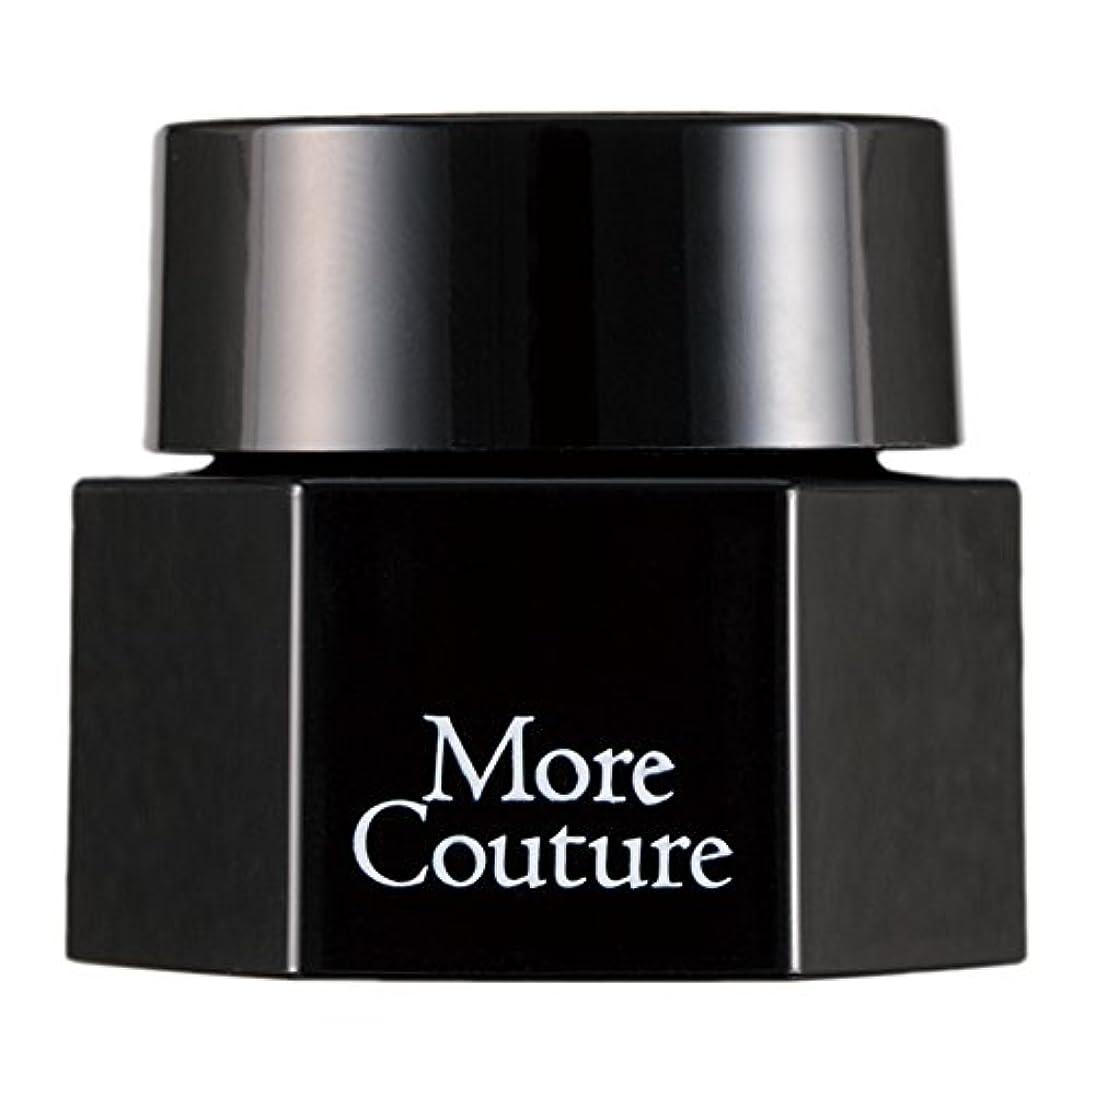 プレミア少し贅沢More Couture MoreGel カラージェル 050 リアルブラック 5g